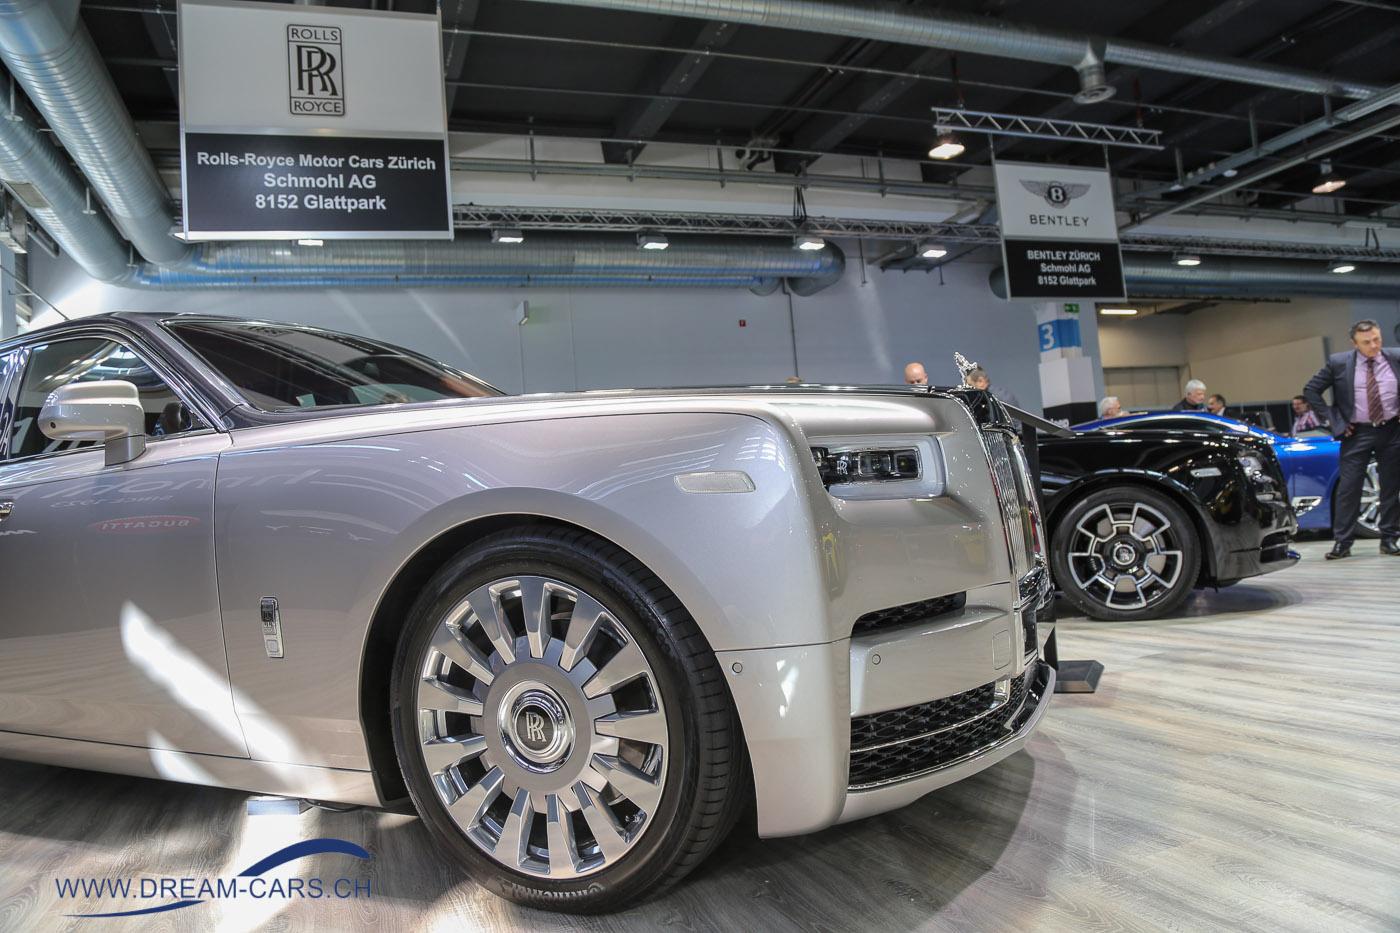 Auto Zürich 2017. Einen imposanten Rolls Royce Phantom VIII gab es am Stand von Schmohl zu bewundern